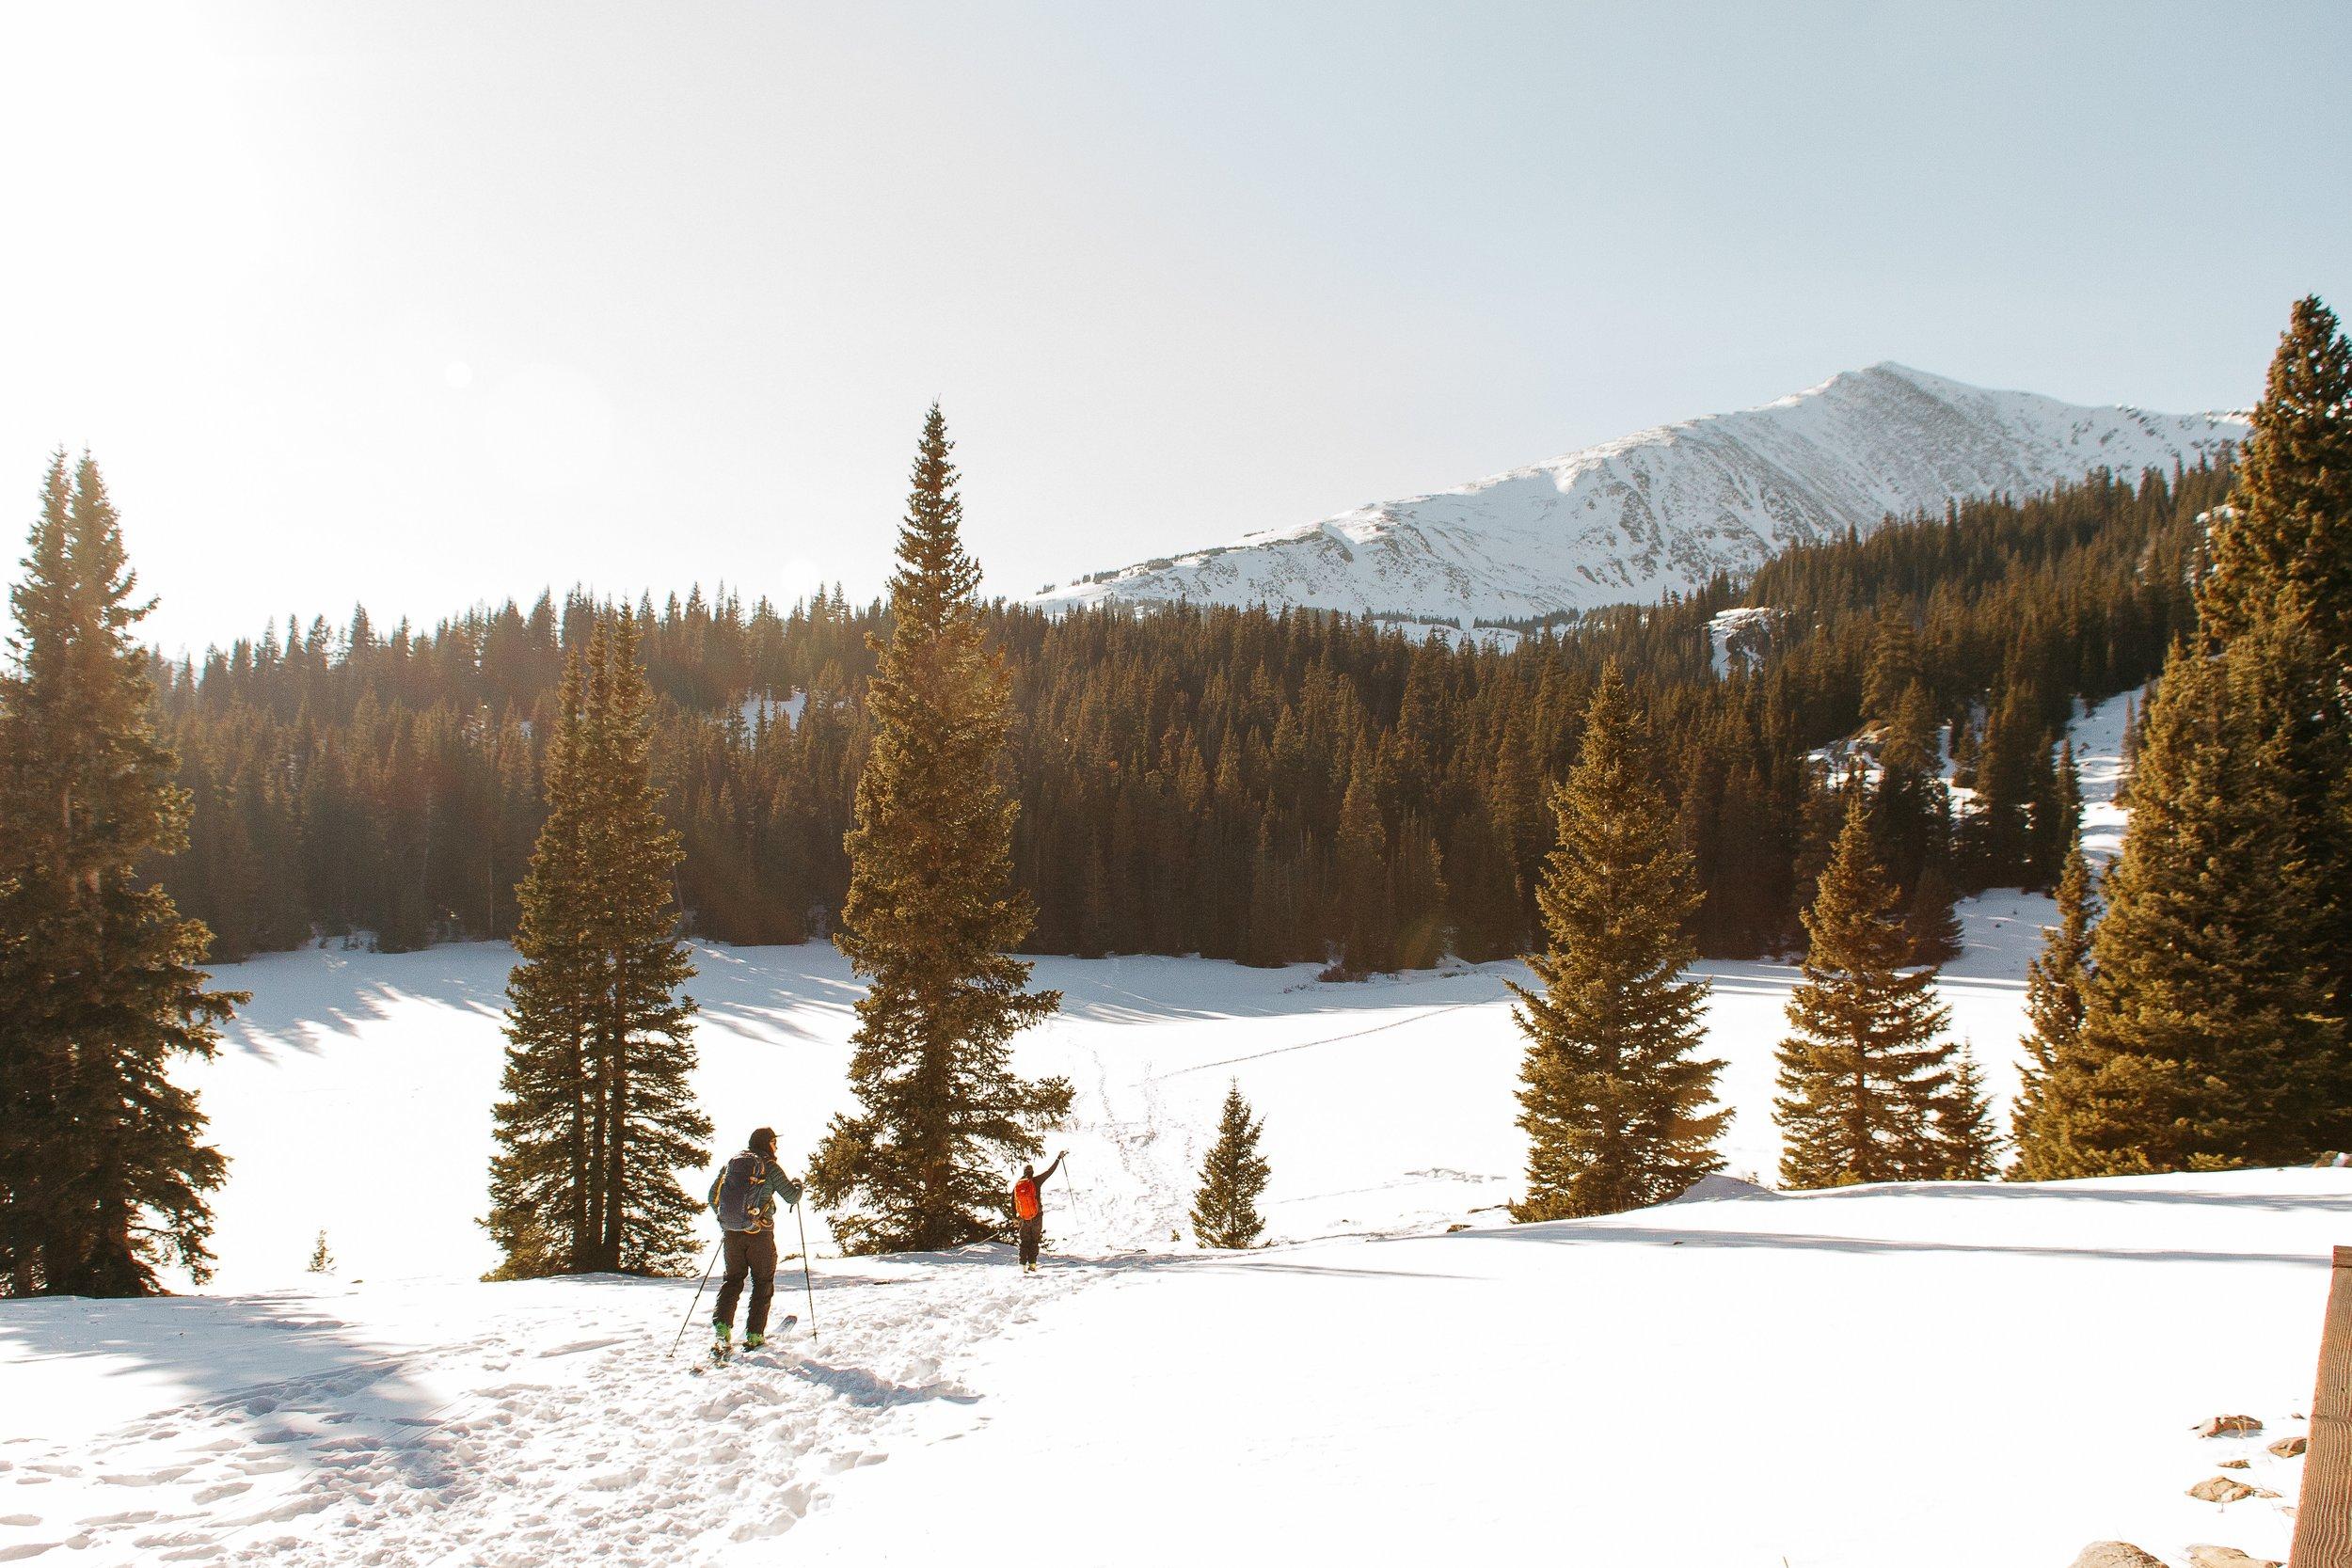 Skitouren gehen & Langlaufen - Erkunden Sie die friedliche und unberührte Natur des Salzburgerlands in ihrer vollen Schönheit.